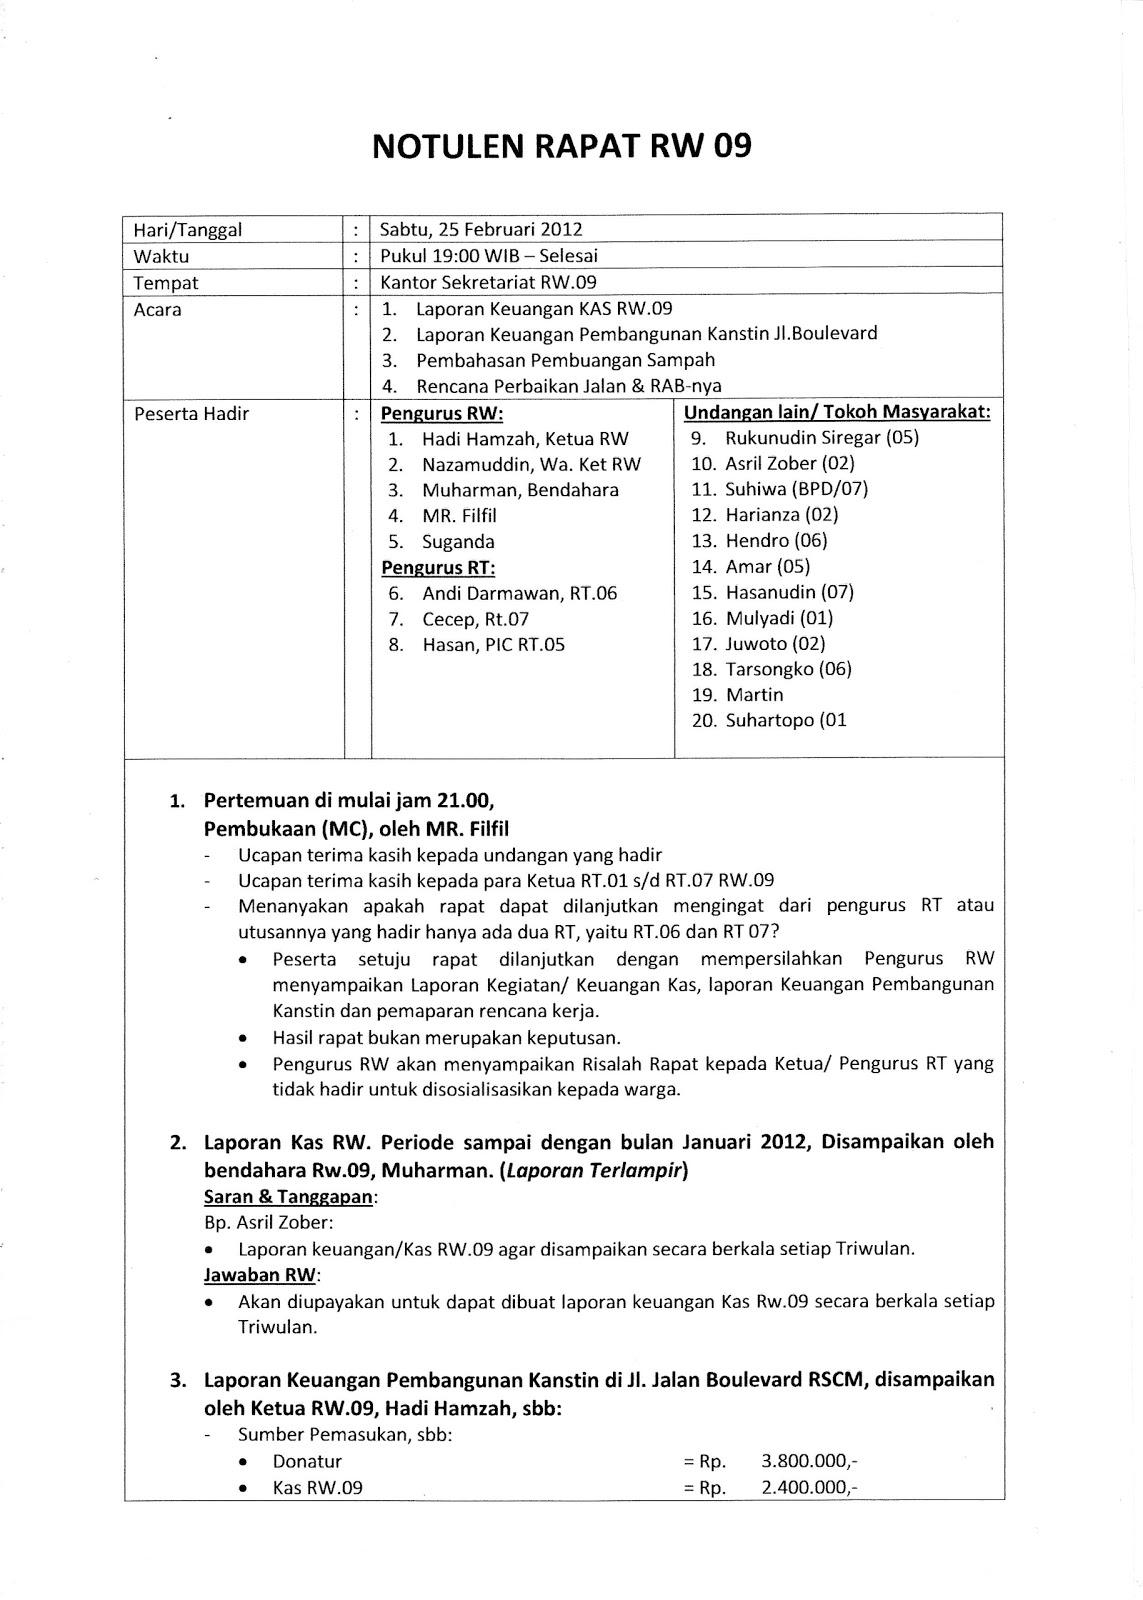 RW09: Notulen Rapat Pengurus 25 Februari 2012